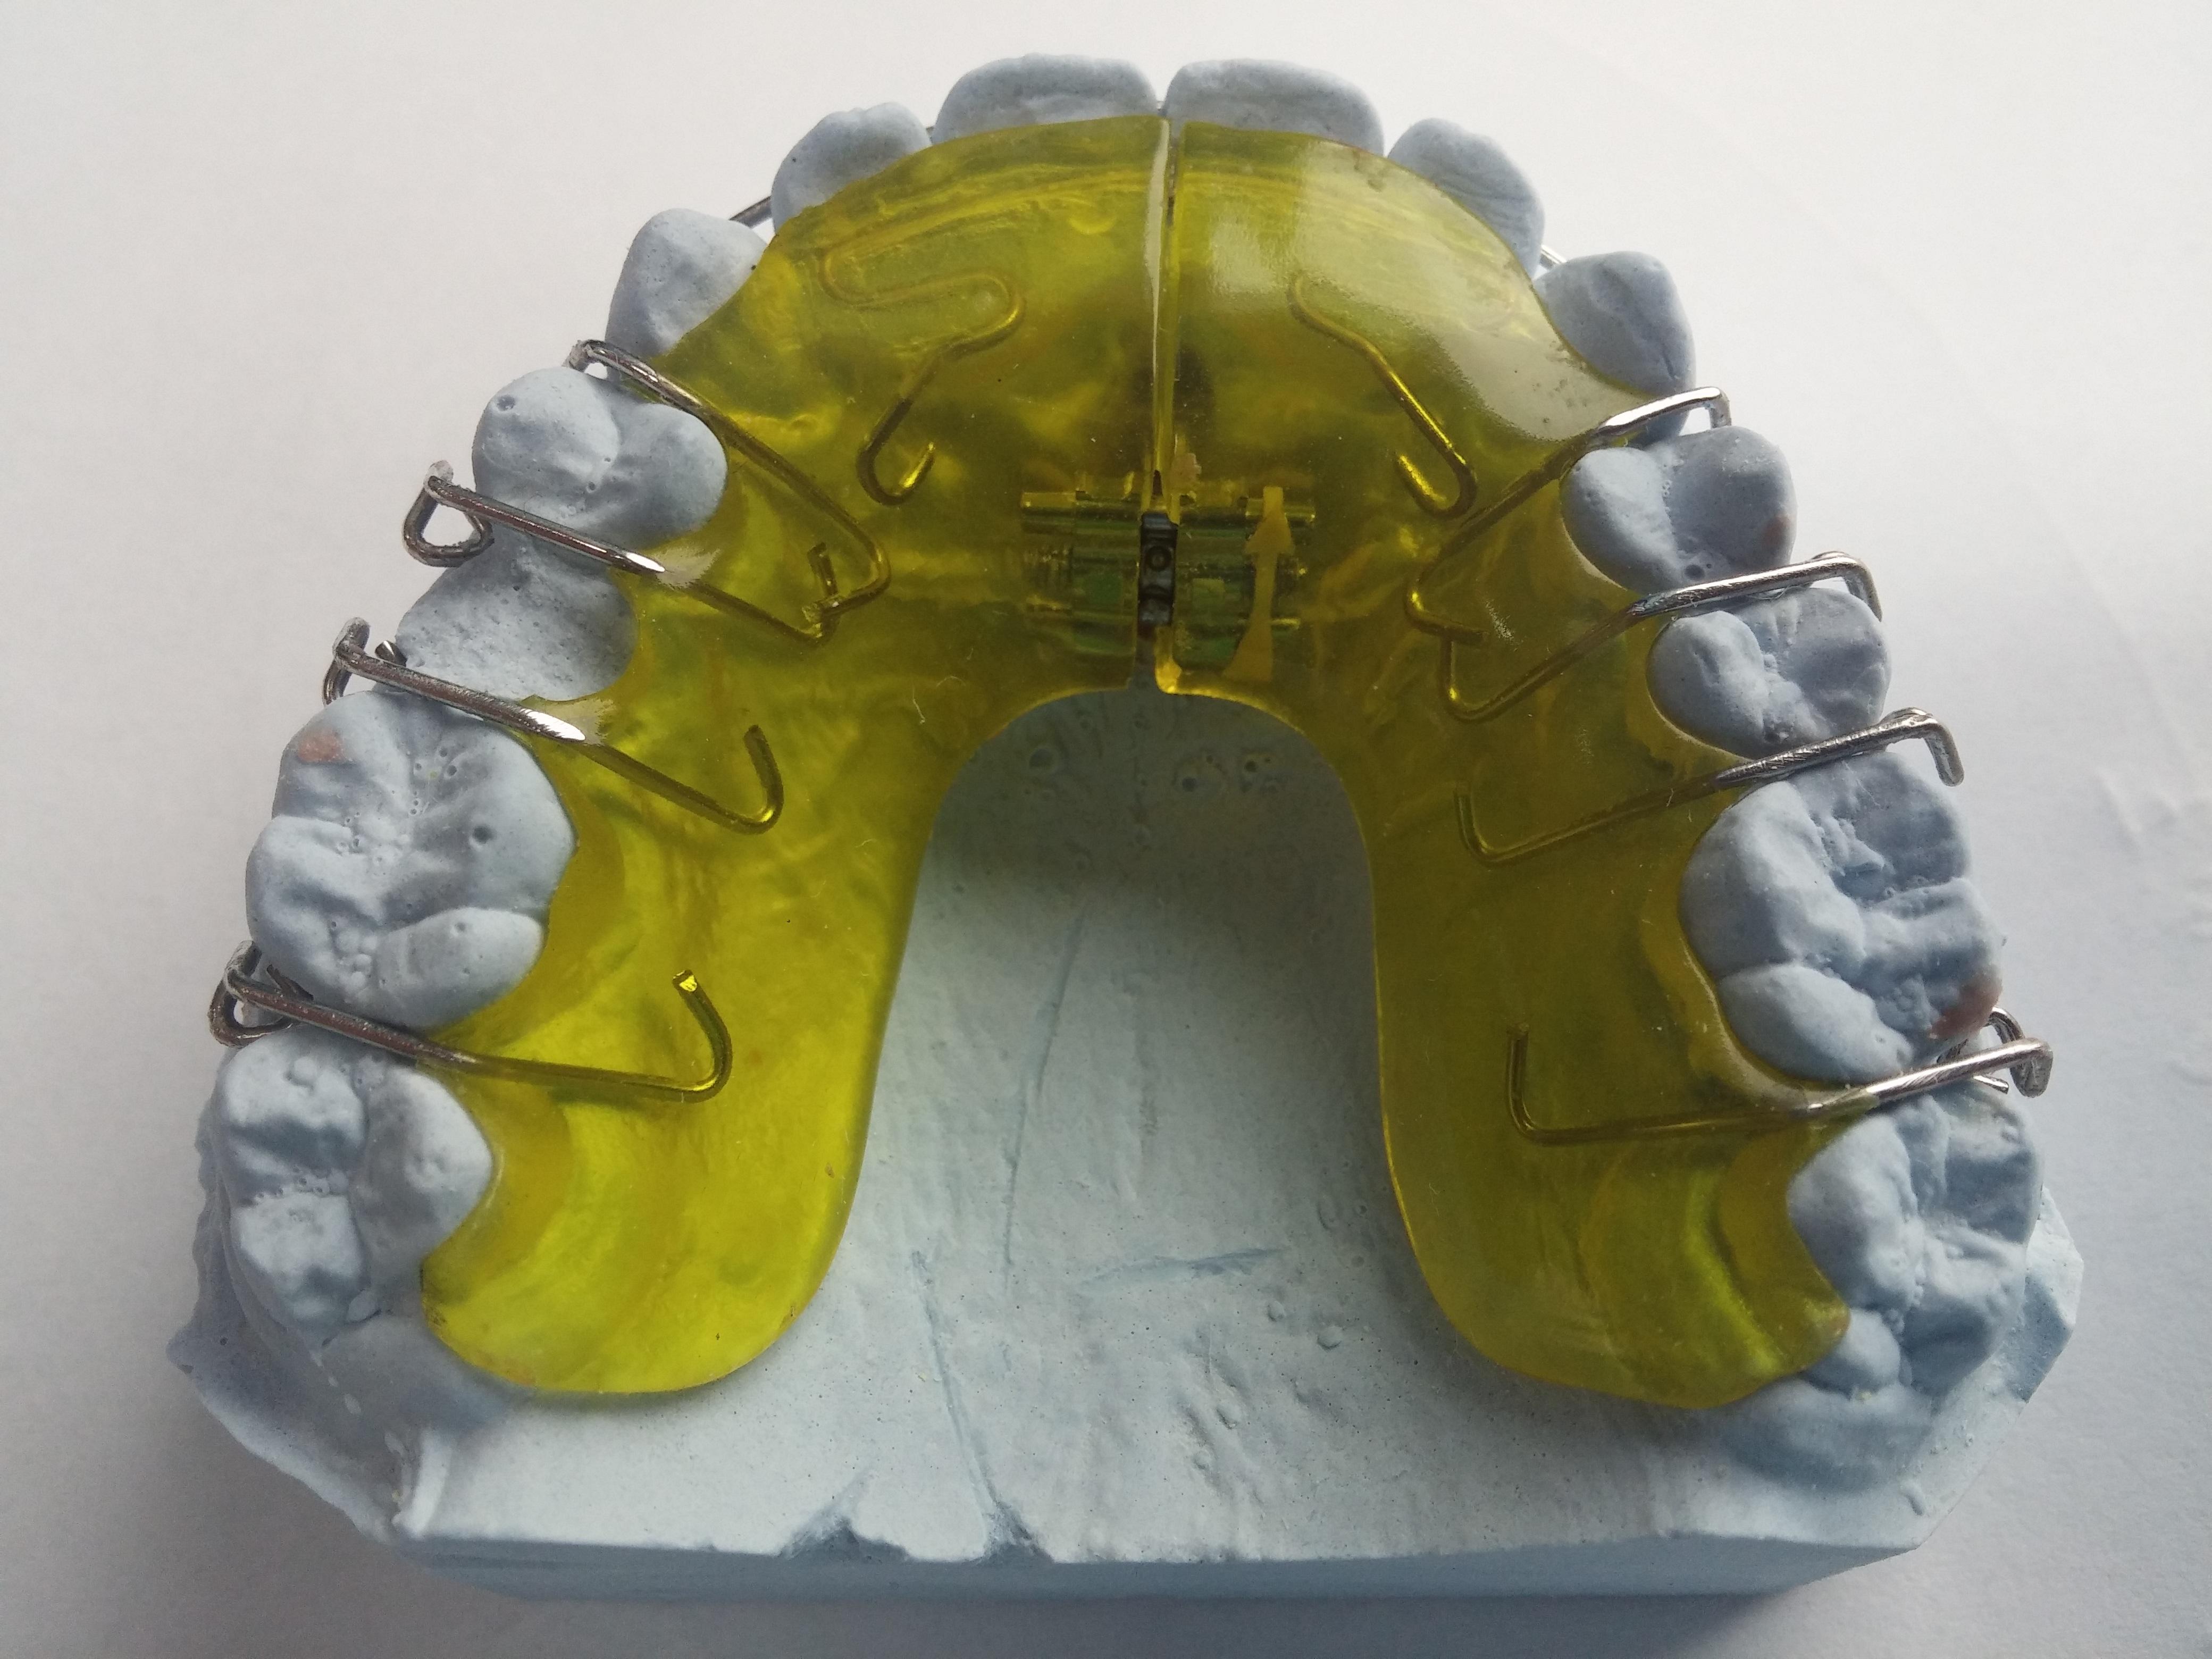 Kostenlose foto : Gelb, schließen, Spielzeug, Mund, Zahnarzt ...